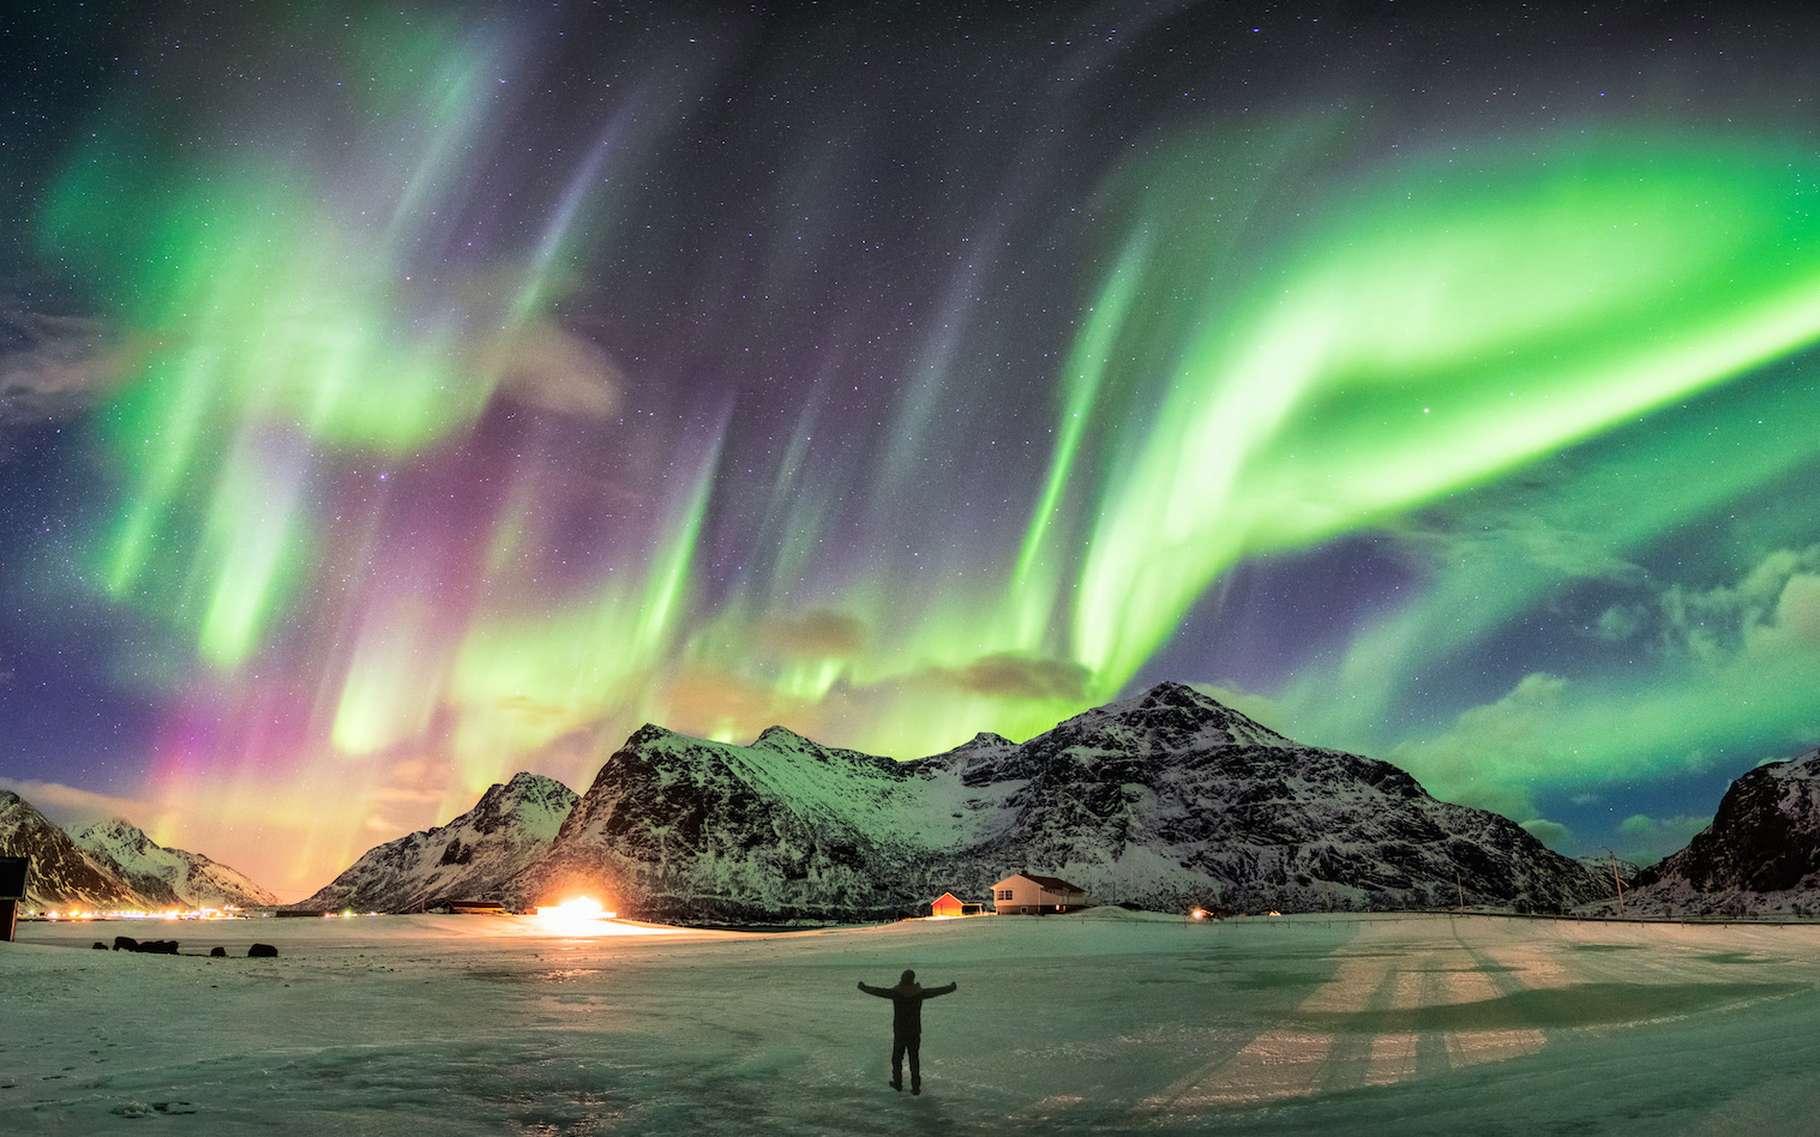 Les aurores boréales ont toujours fait lever les yeux des Hommes au ciel. Les astronomes savent qu'elles naissent de particules soufflées jusqu'à la Terre par les tempêtes solaires. Mais les mécanismes qui se cachent derrière restent difficiles à élucider. Aujourd'hui, des chercheurs ont pour la première fois réussi à mesurer en laboratoire l'un des processus soupçonnés. © mumemories, Adobe Stock